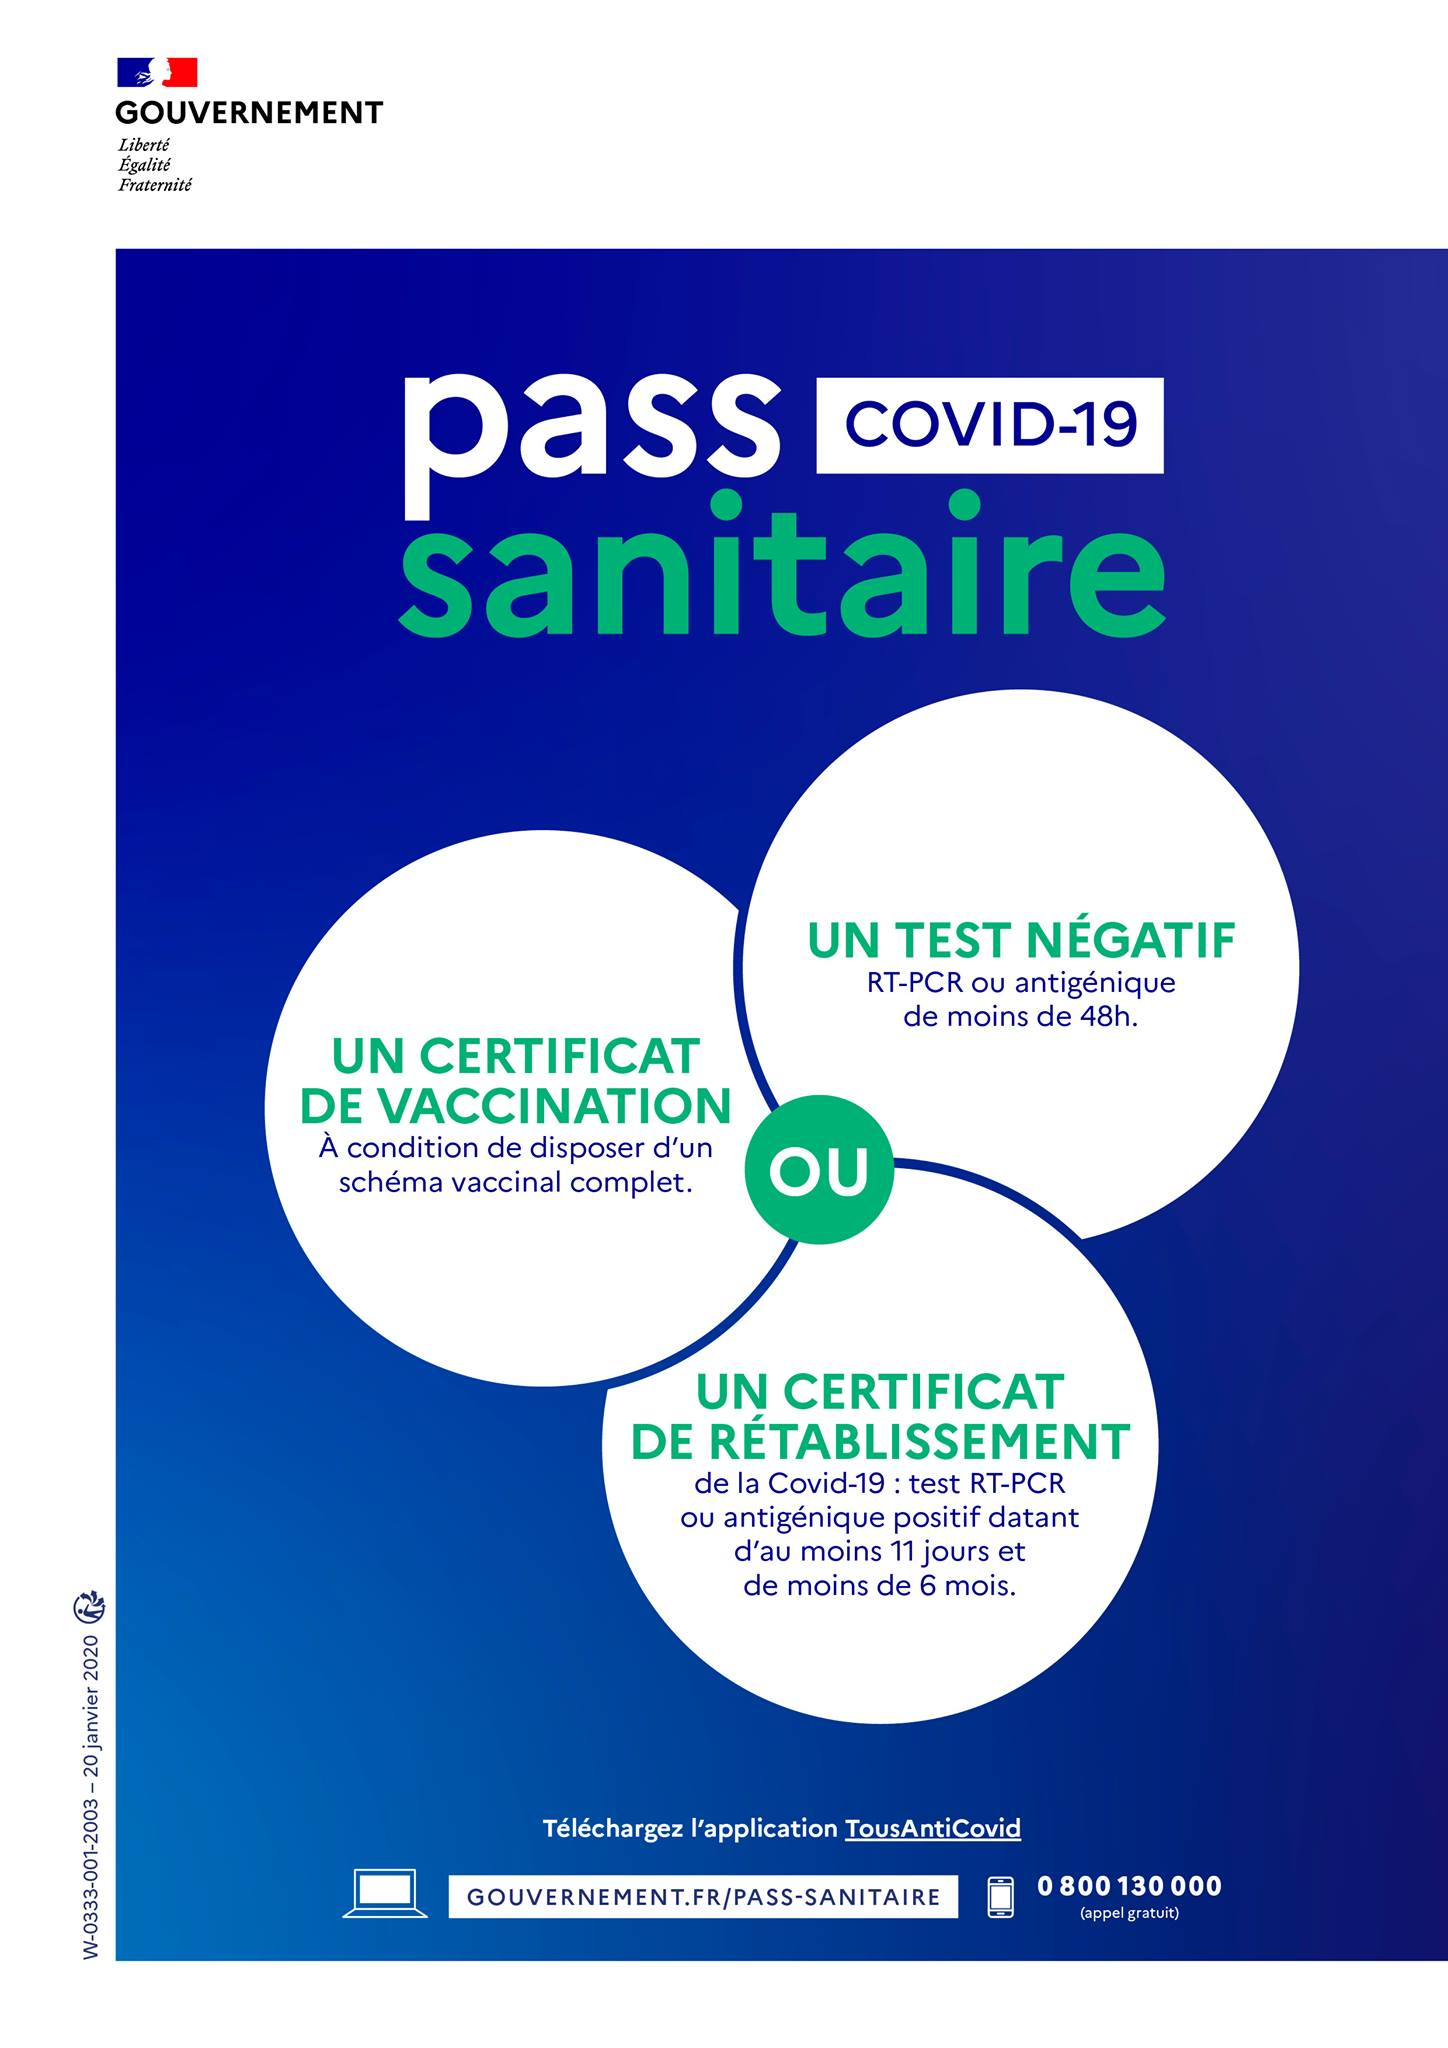 pass sanitaire info.jpg